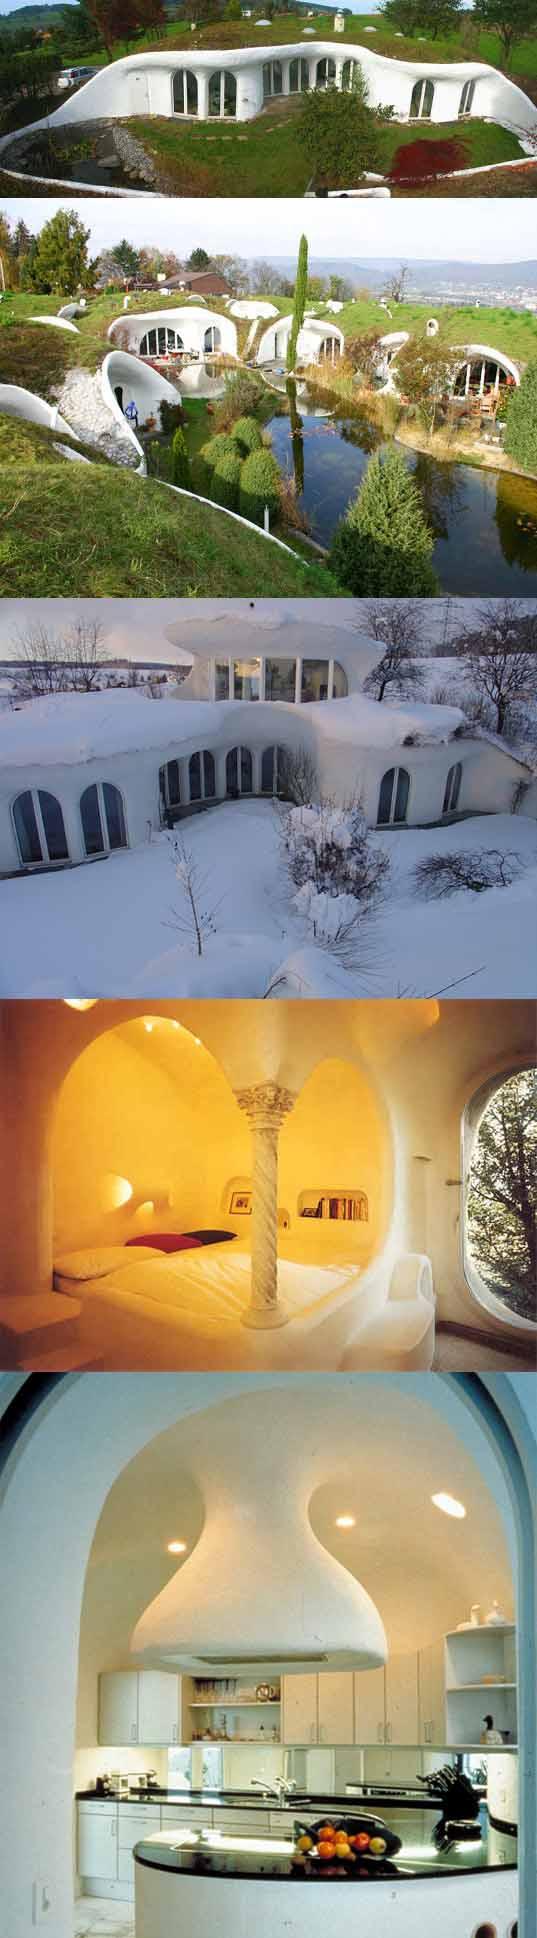 Les maisons organique de Peter Vetsch